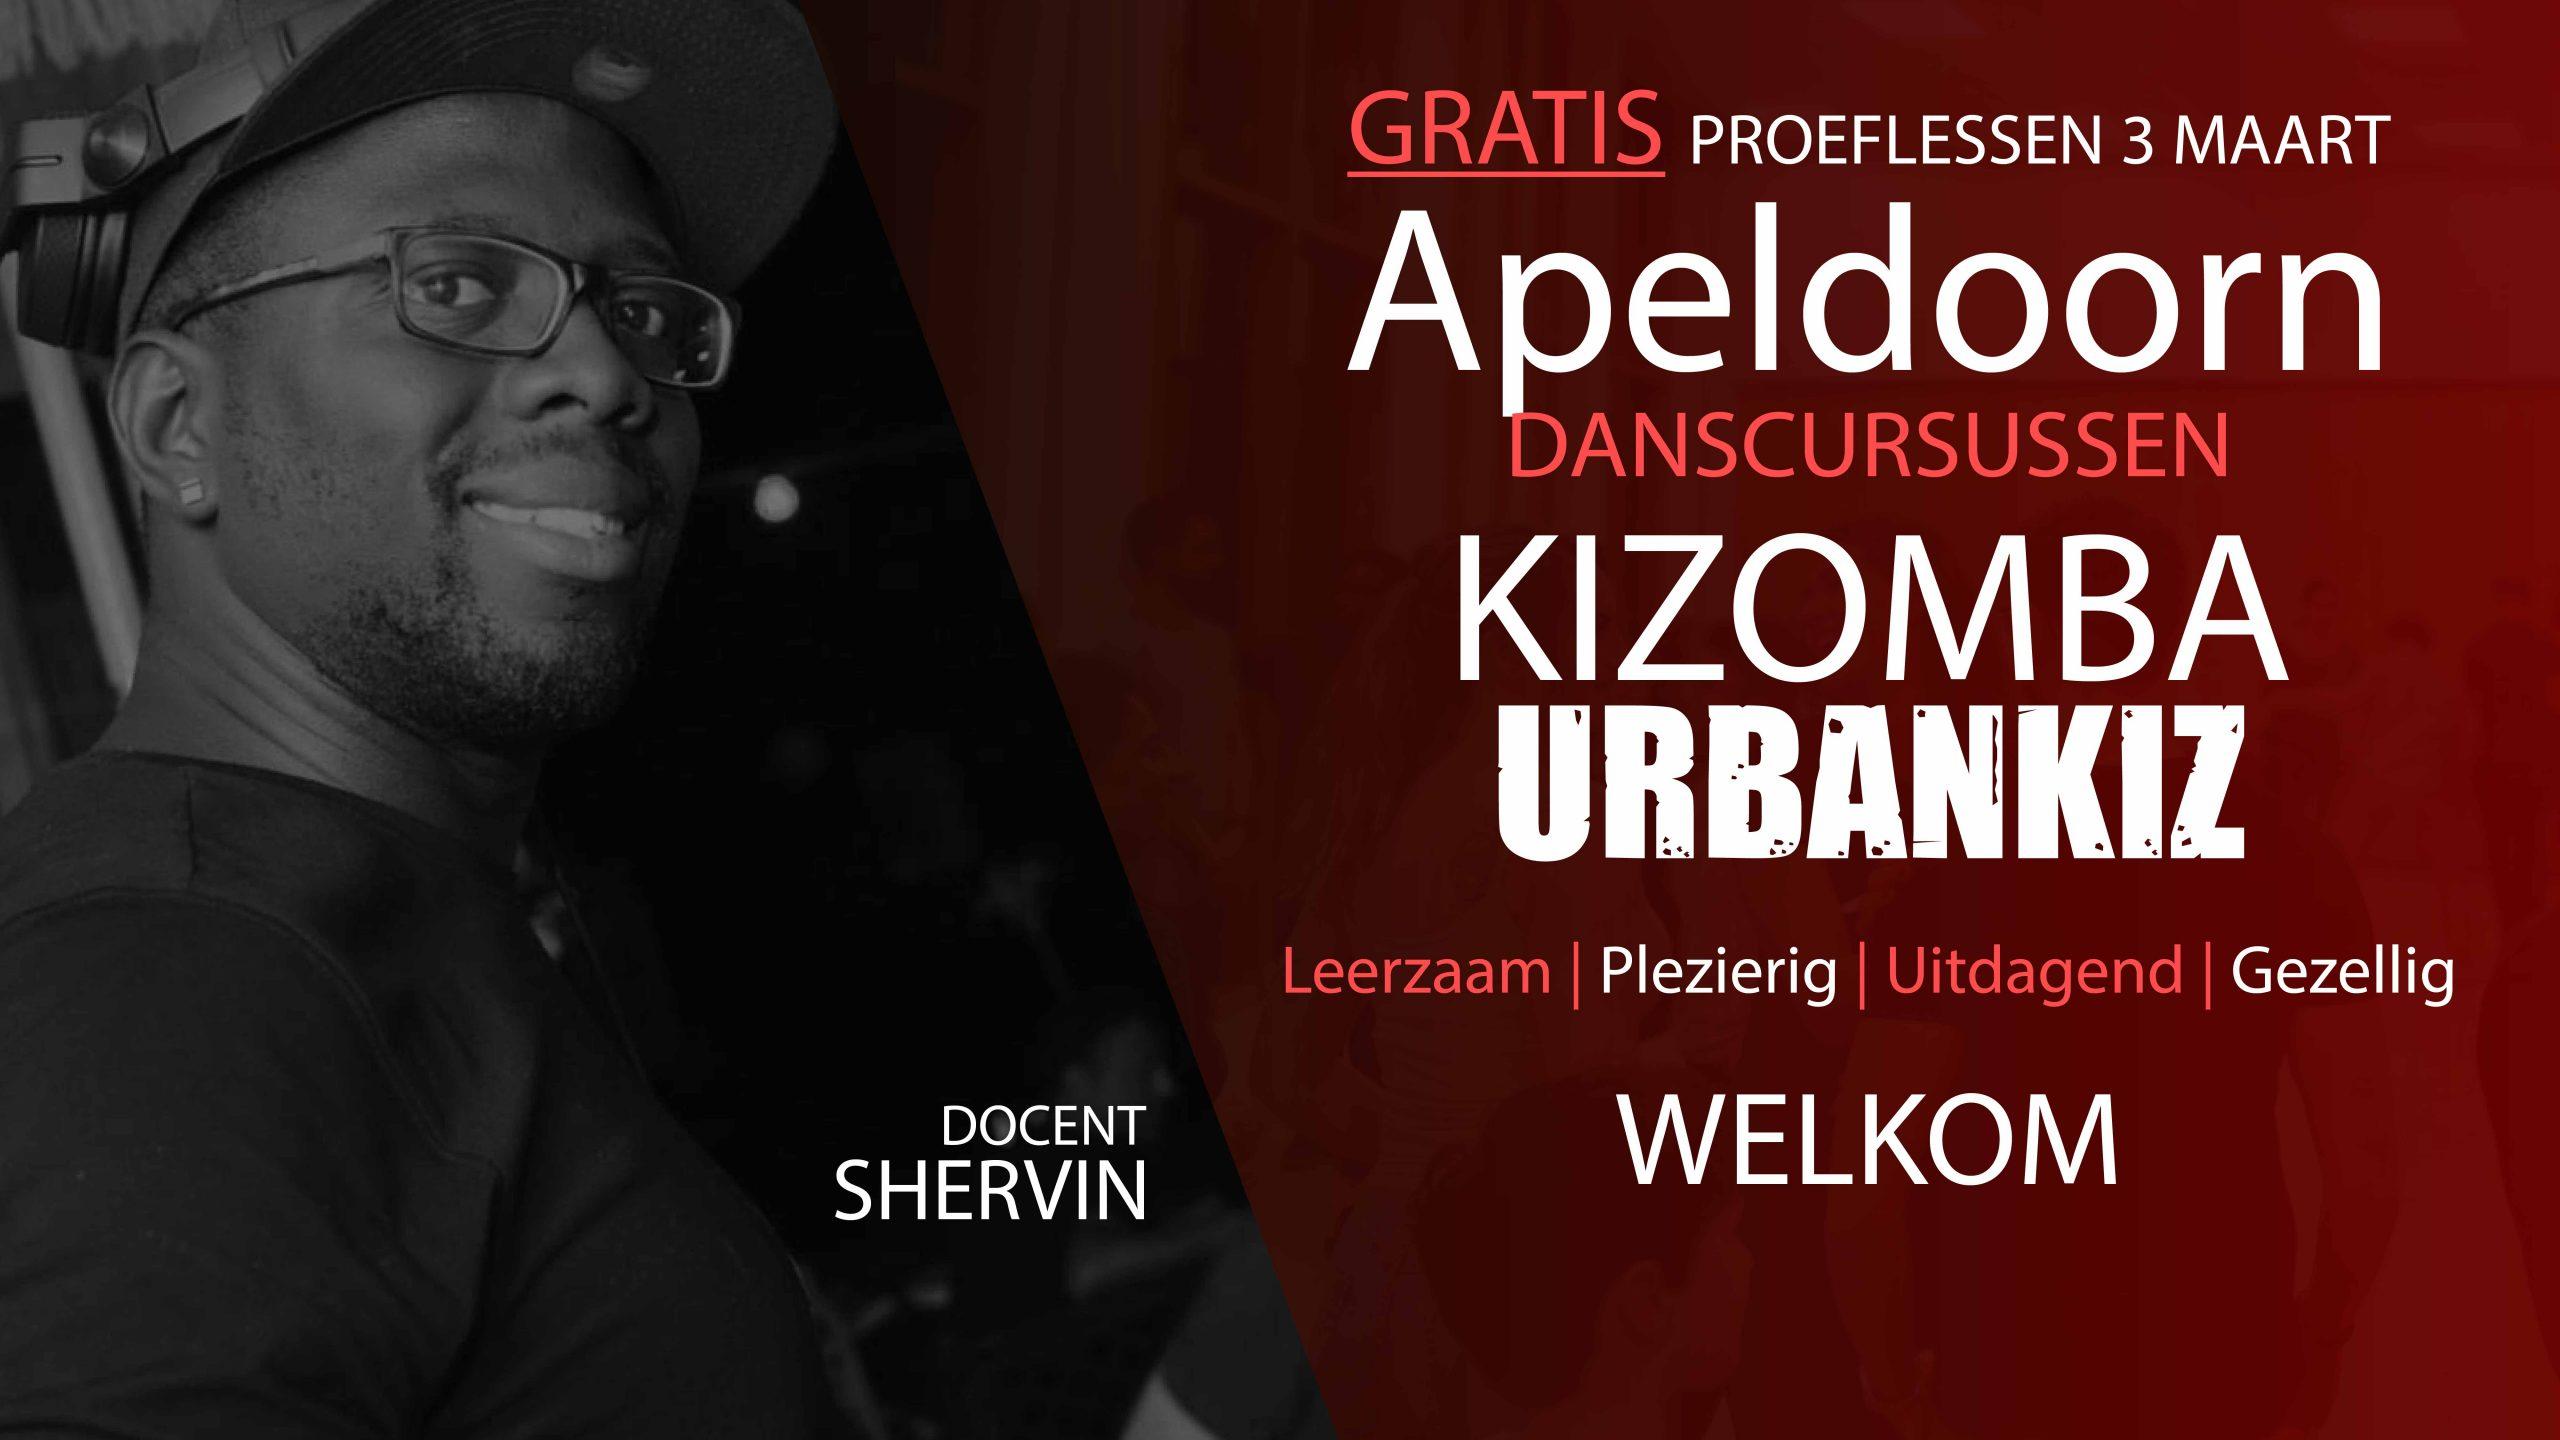 Cursus Kizomba Urbankiz in apeldoorn met Shervin